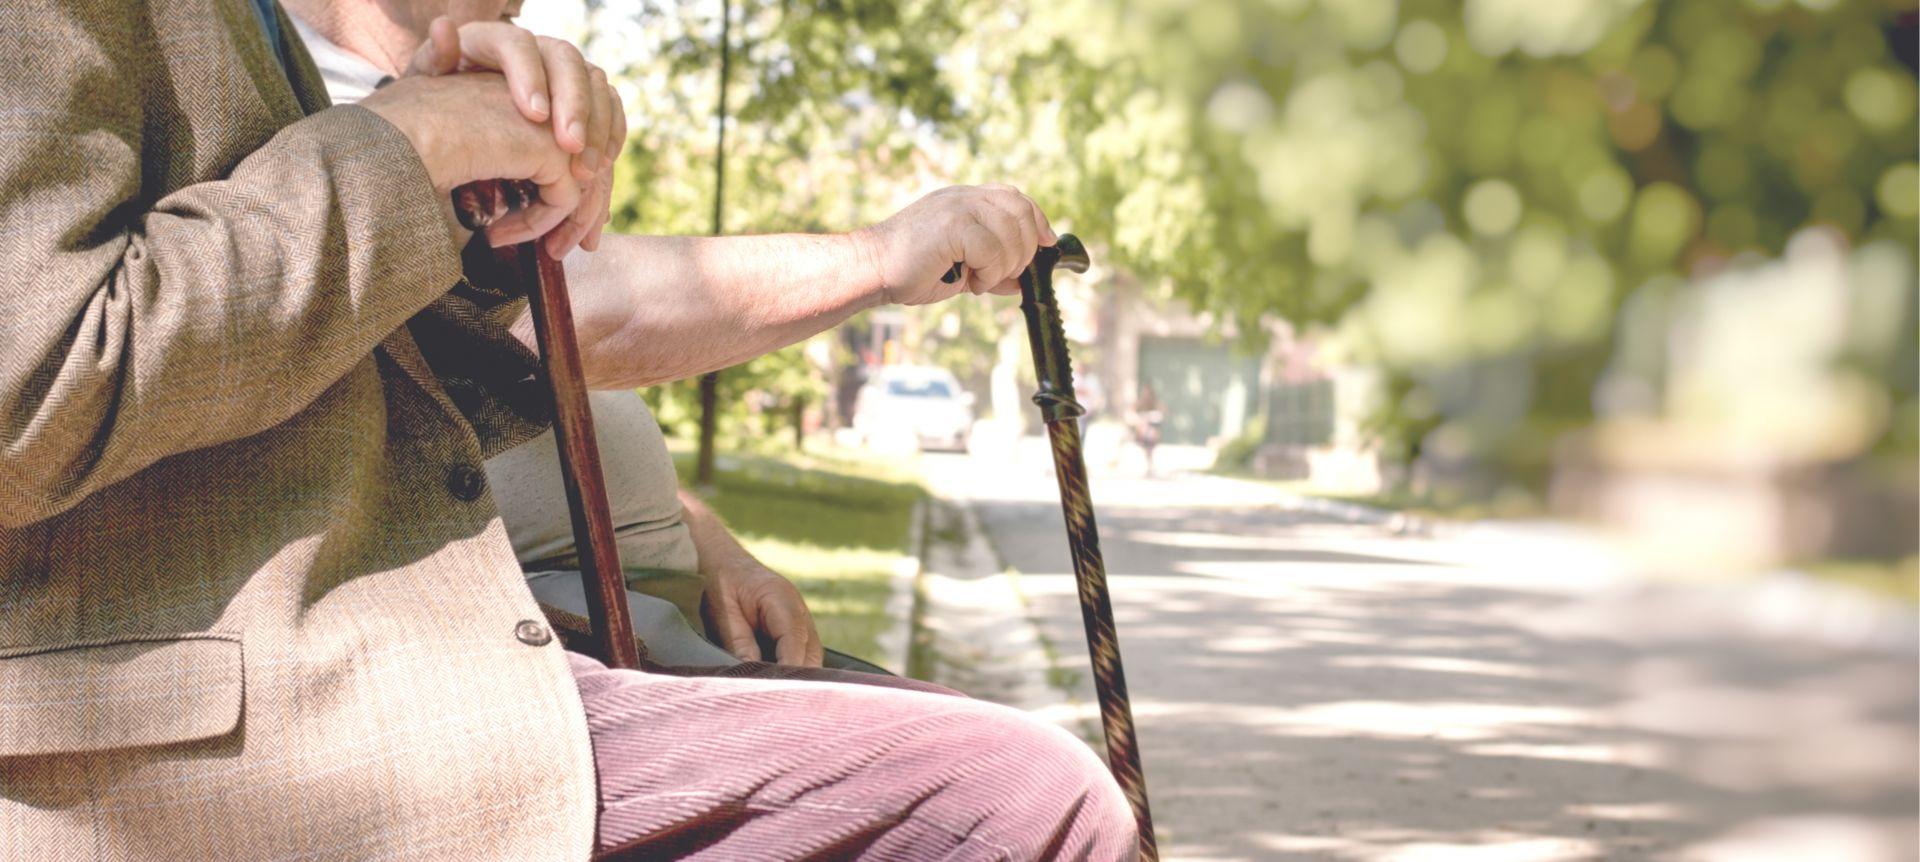 顧立雄每月拿5000元做退休規劃!理財專家:我嚇了一大跳!